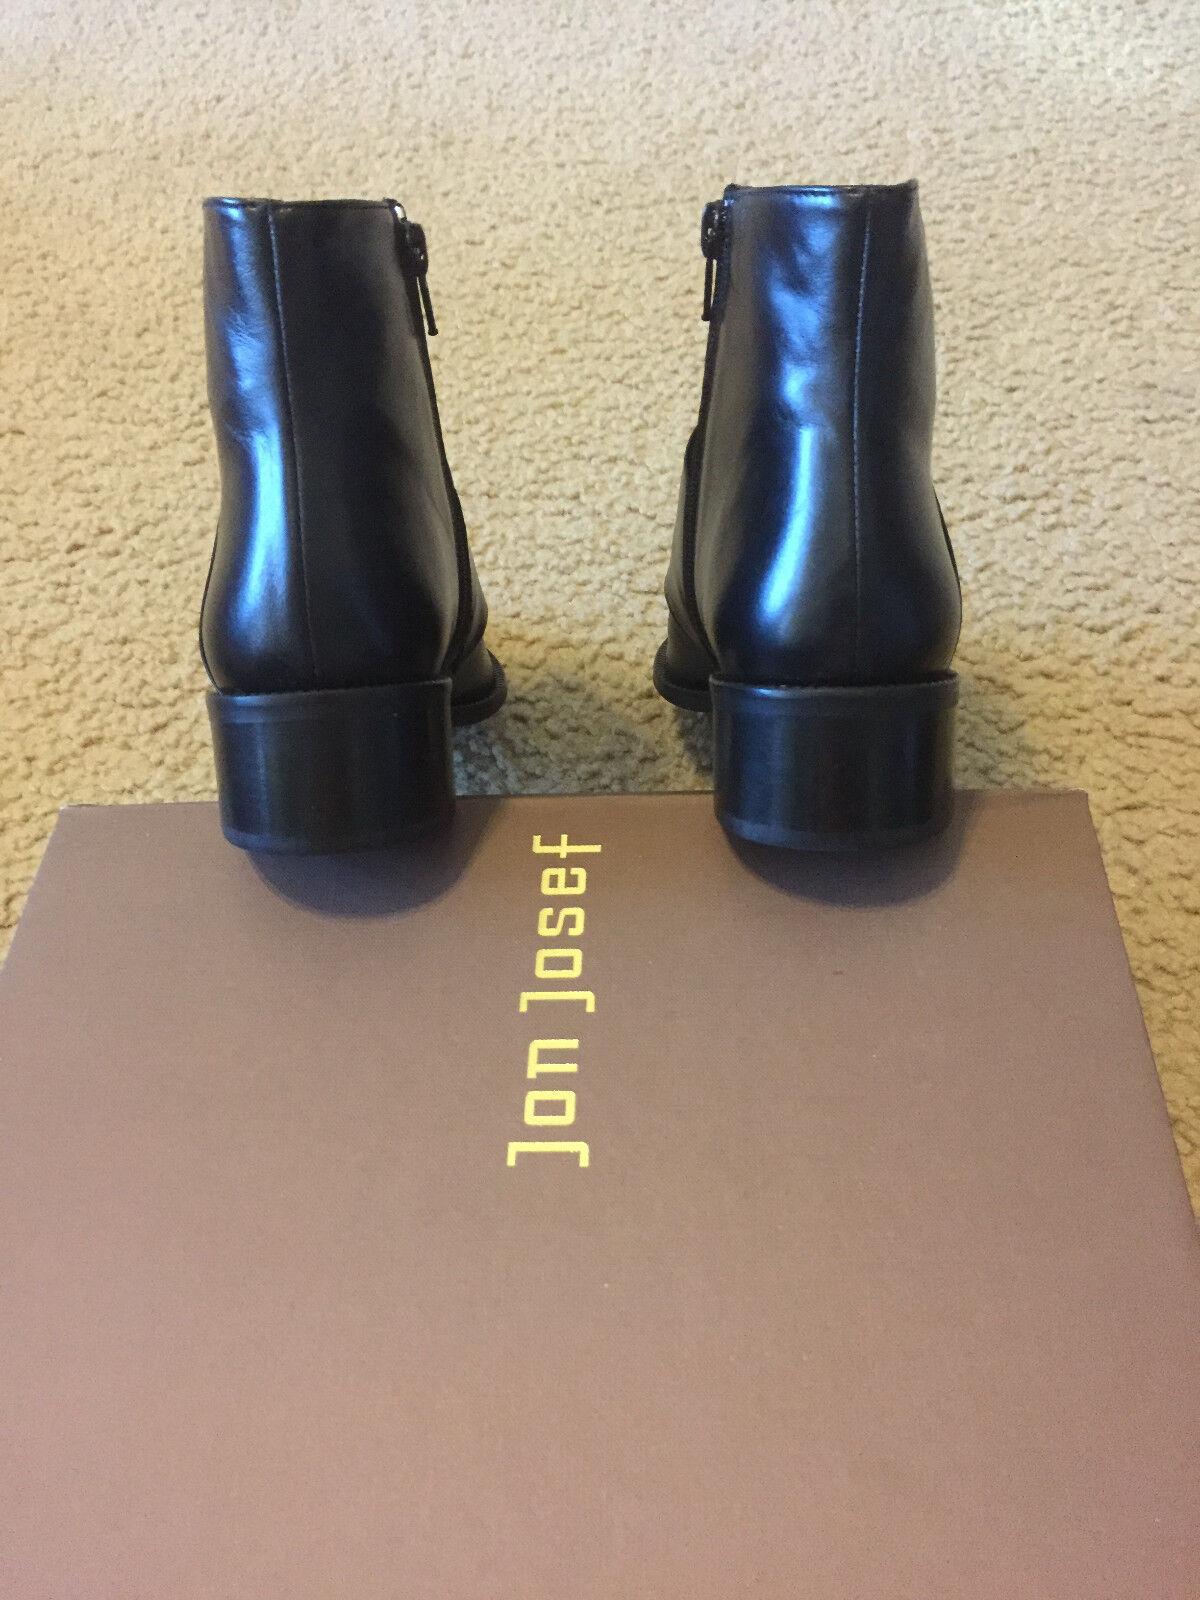 NIB Jon Josef Lust Lust Lust noir leather démarrage 5.5 6 6.5 7 7.5 8 8.5 9 1366cc